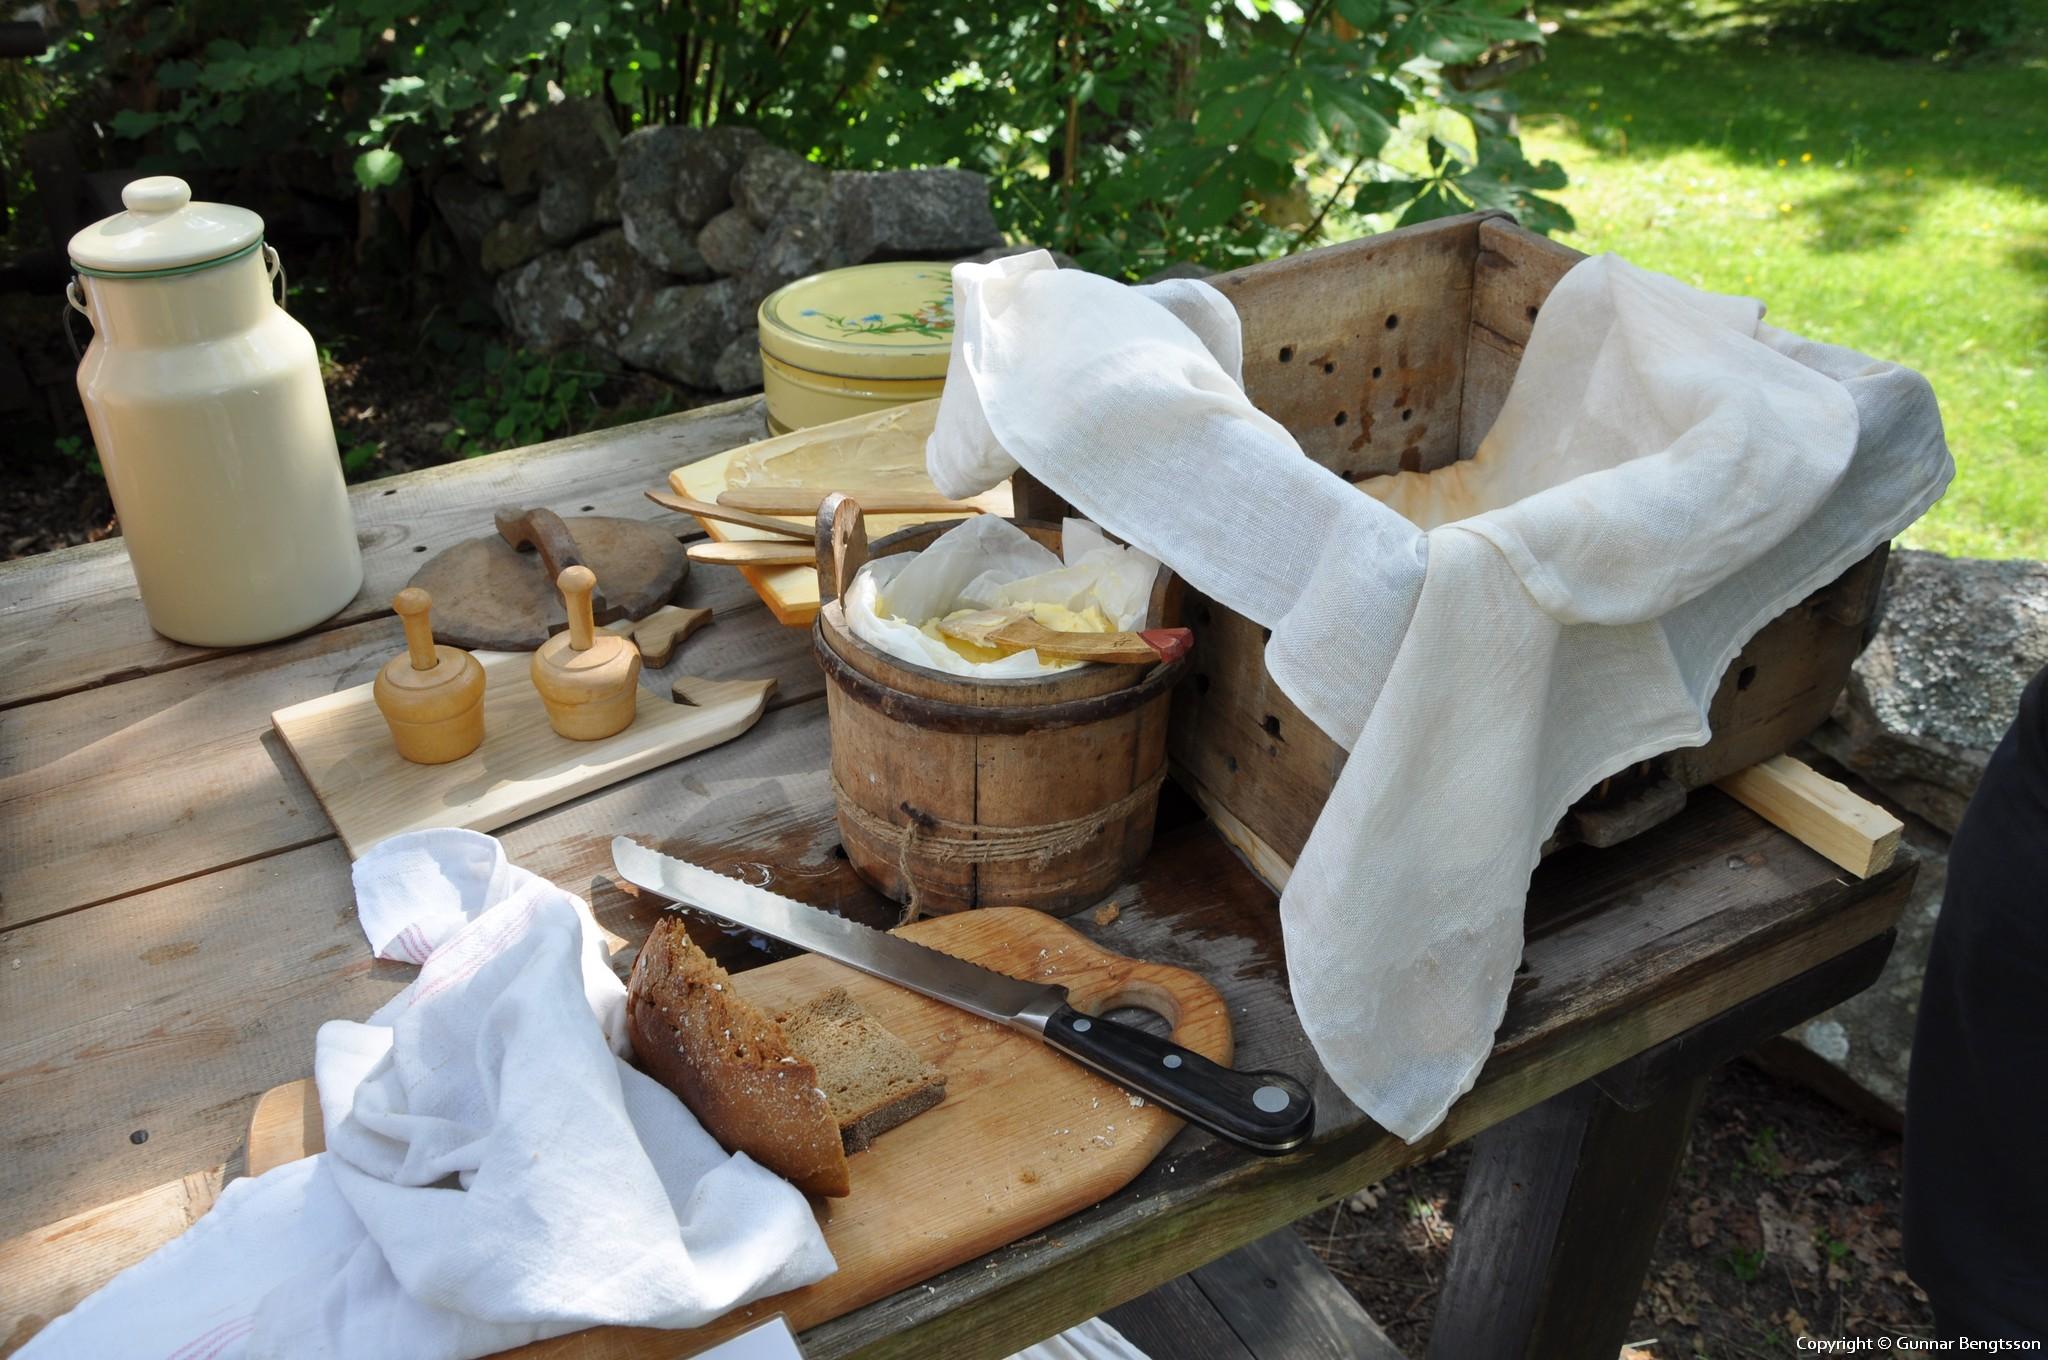 Provsmakning av smöret på bröd från Börjes konditori